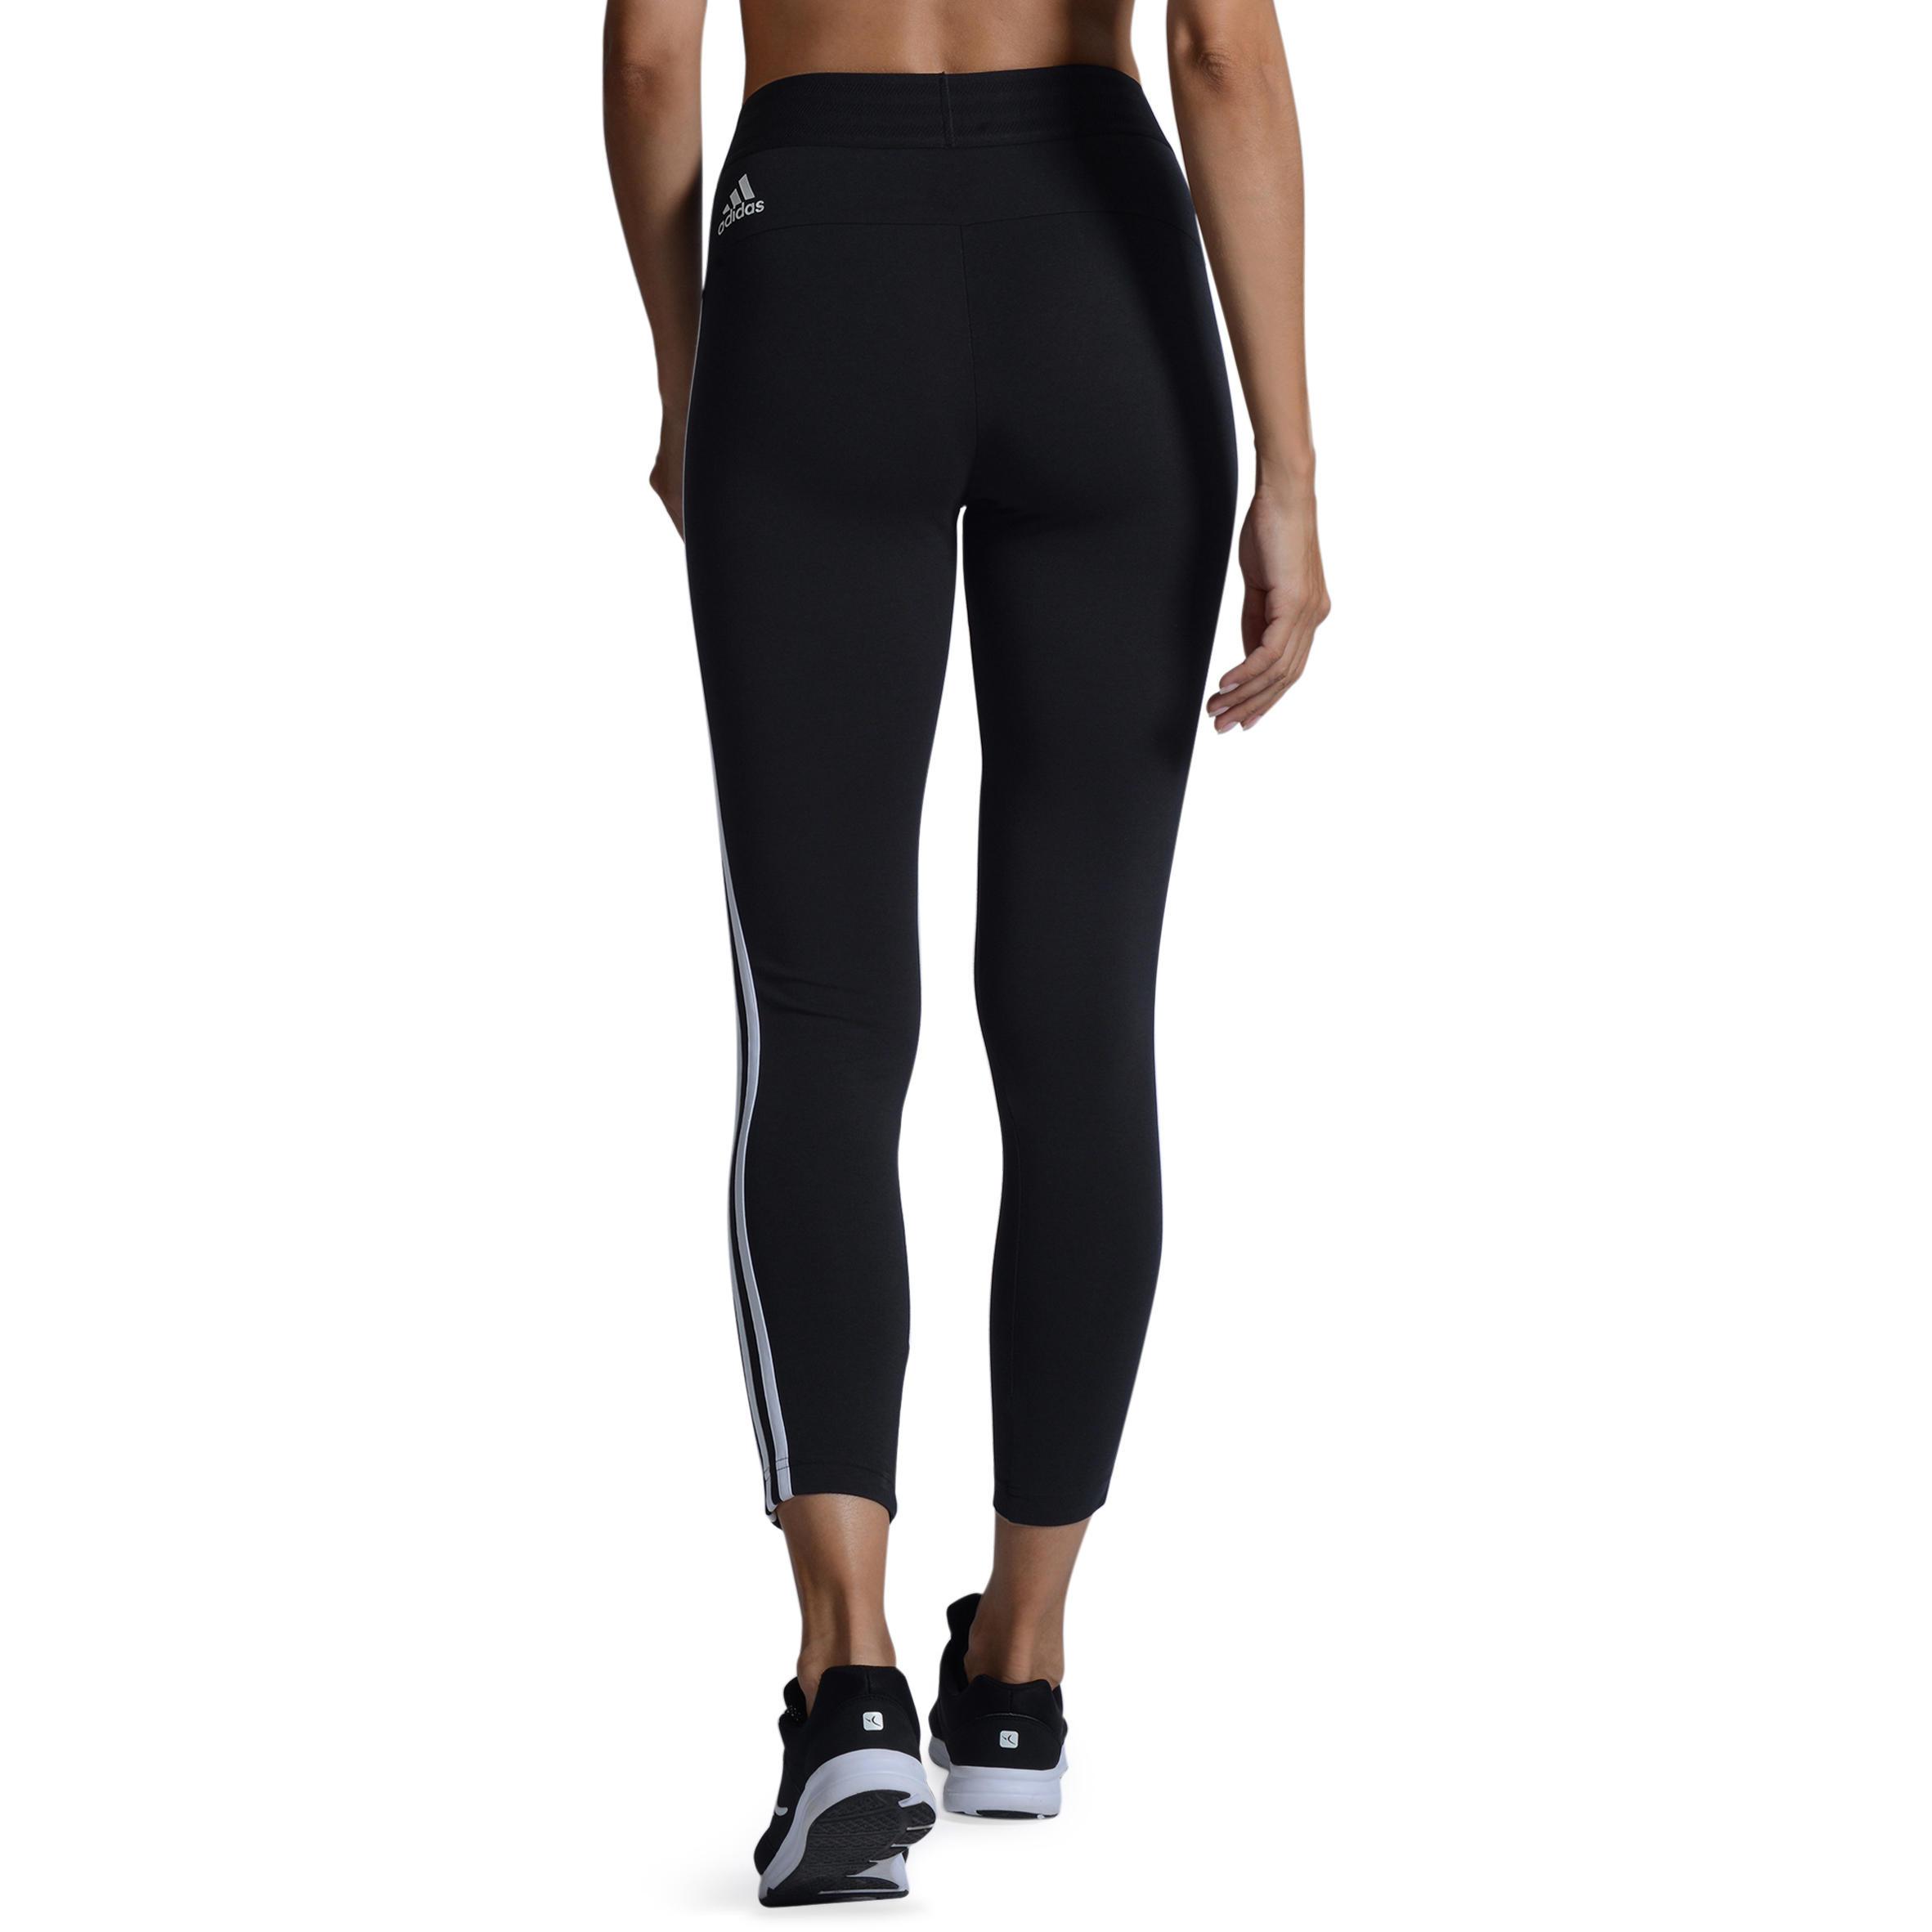 Fitnesslegging voor dames zwart-wit